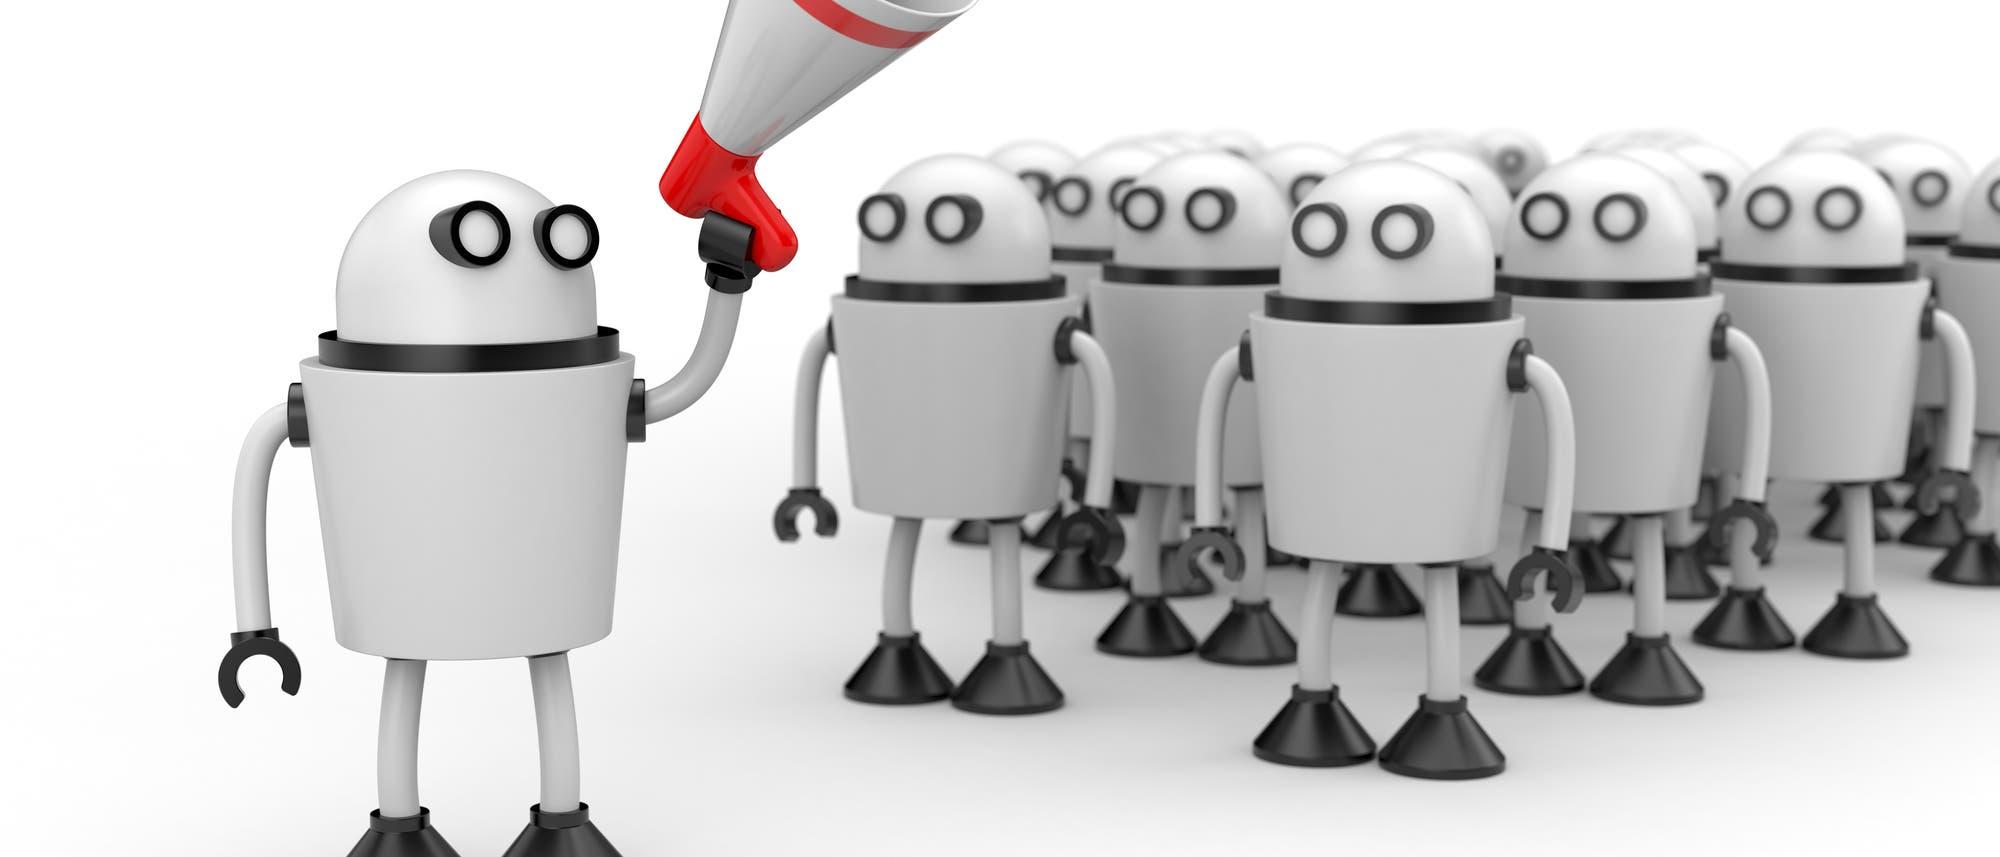 Ein niedlicher Roboter mit Megafon steht vor einer Gruppe niedlicher Roboter mit Aktentaschen